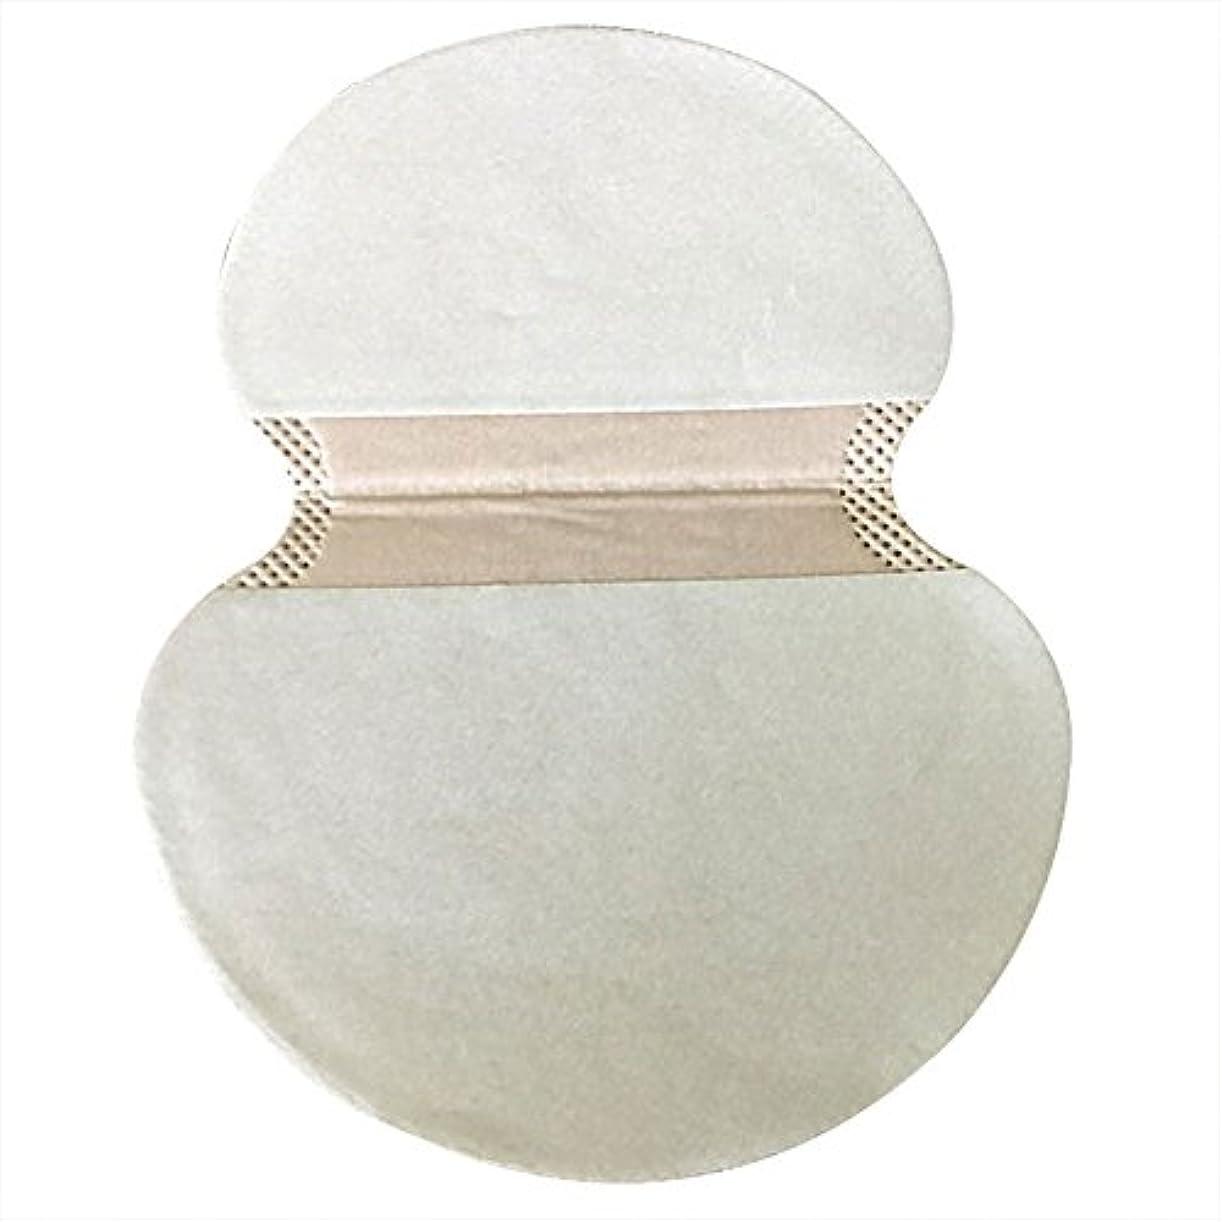 クリップペンダントモチーフkiirou 汗取りパッド わき汗パット 10枚セット さらさら あせジミ防止 防臭シート 無香料 メンズ レディース 大きめ